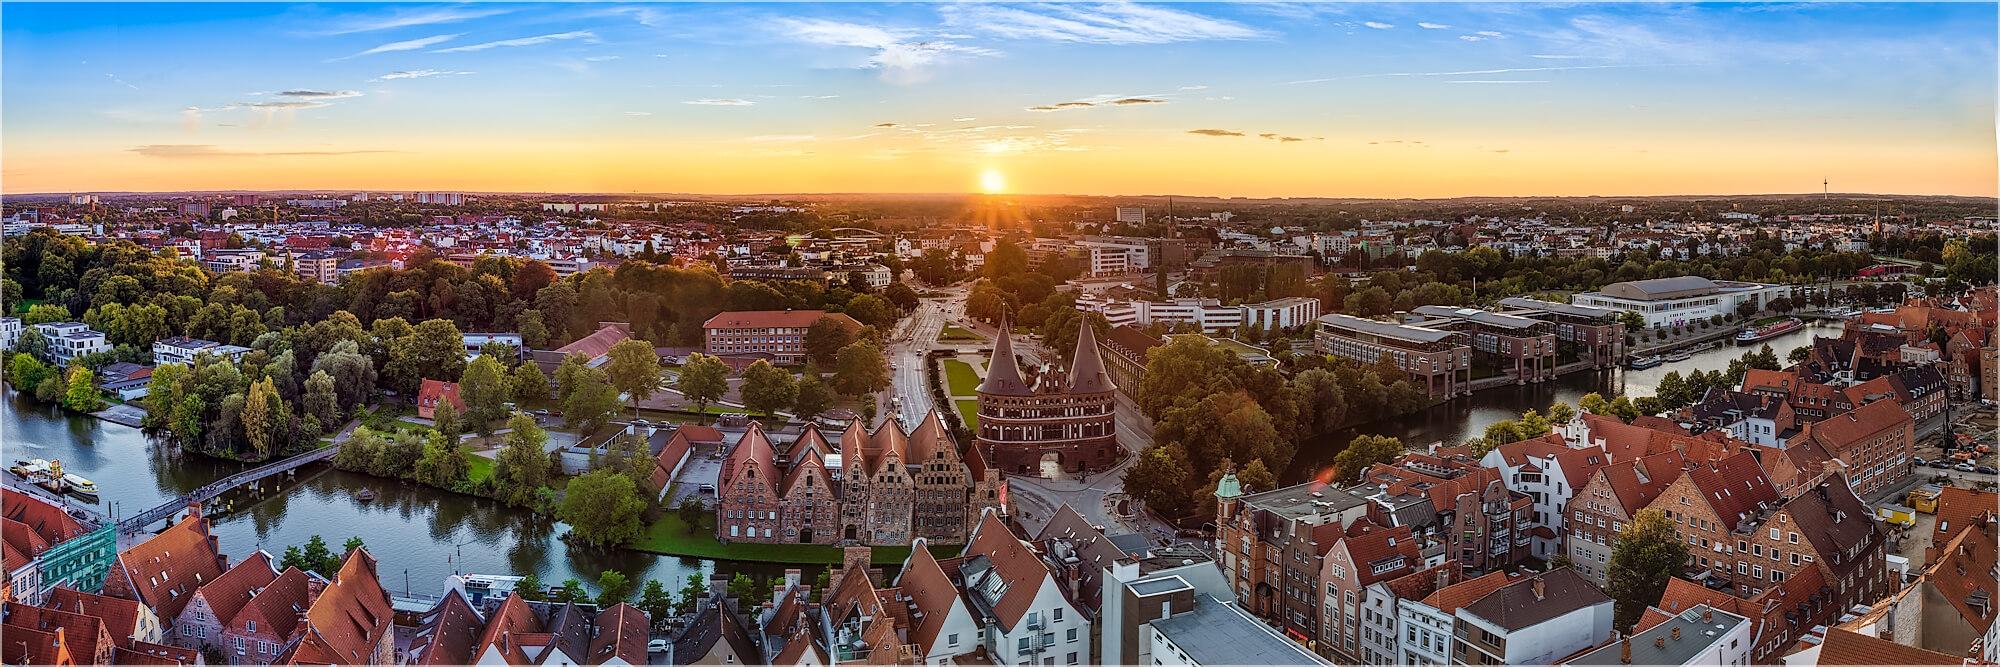 Panoramafoto Lübeck im Sonnenuntergang